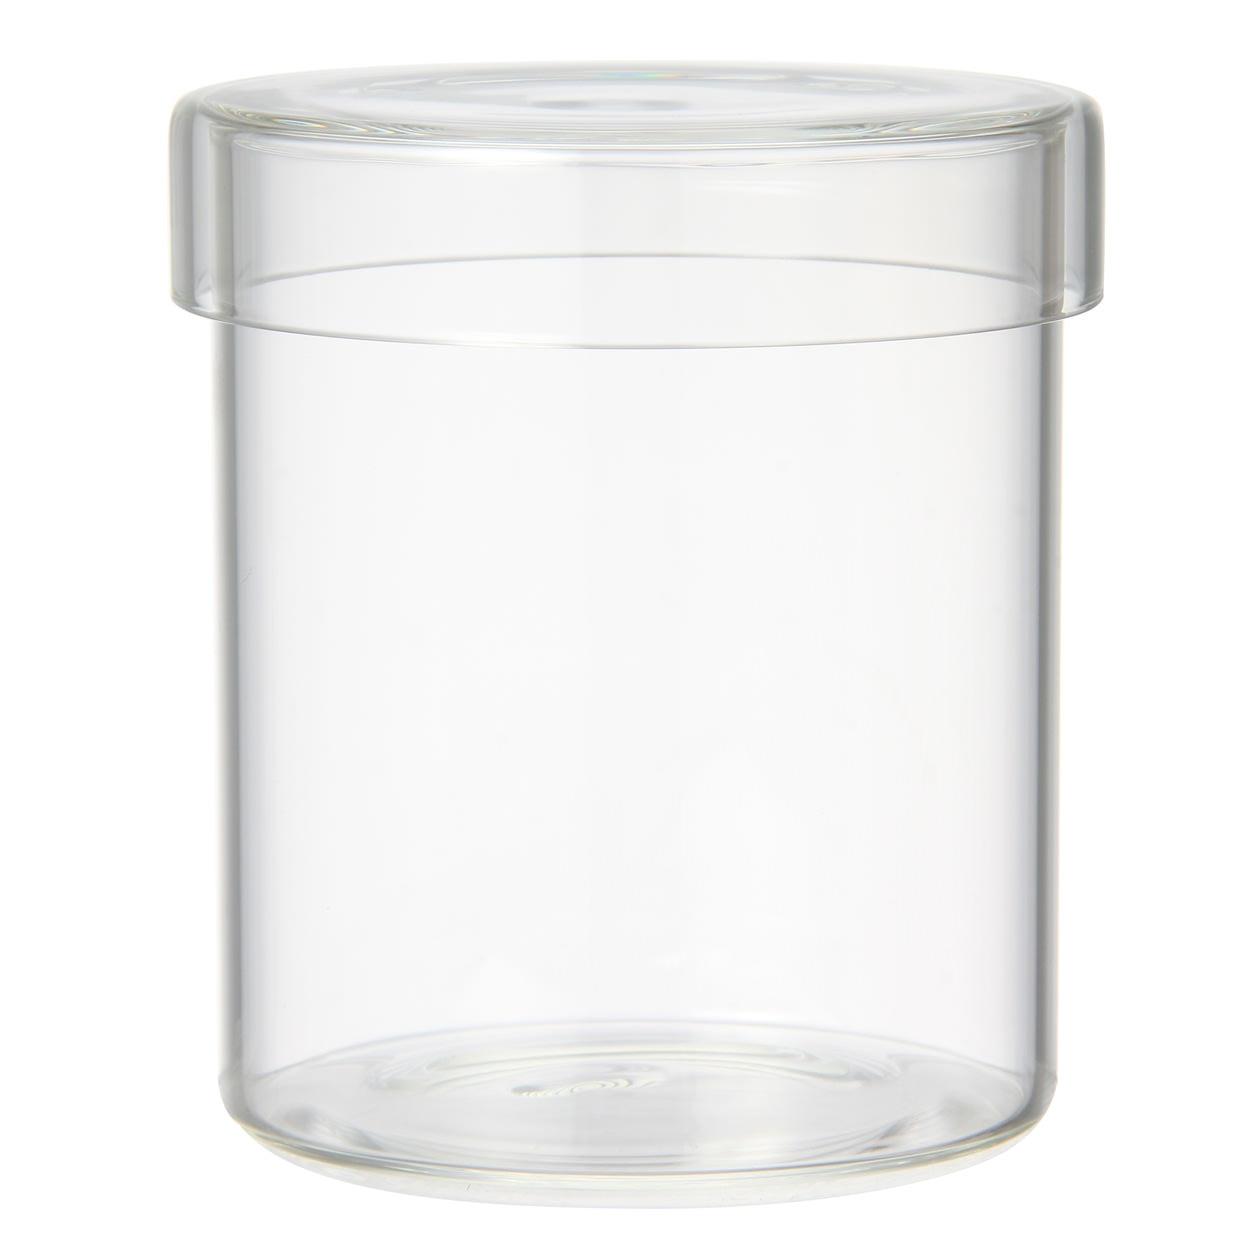 美品☆2個セット無印良品 耐熱ガラスピッチャー・小 0.7L 直径